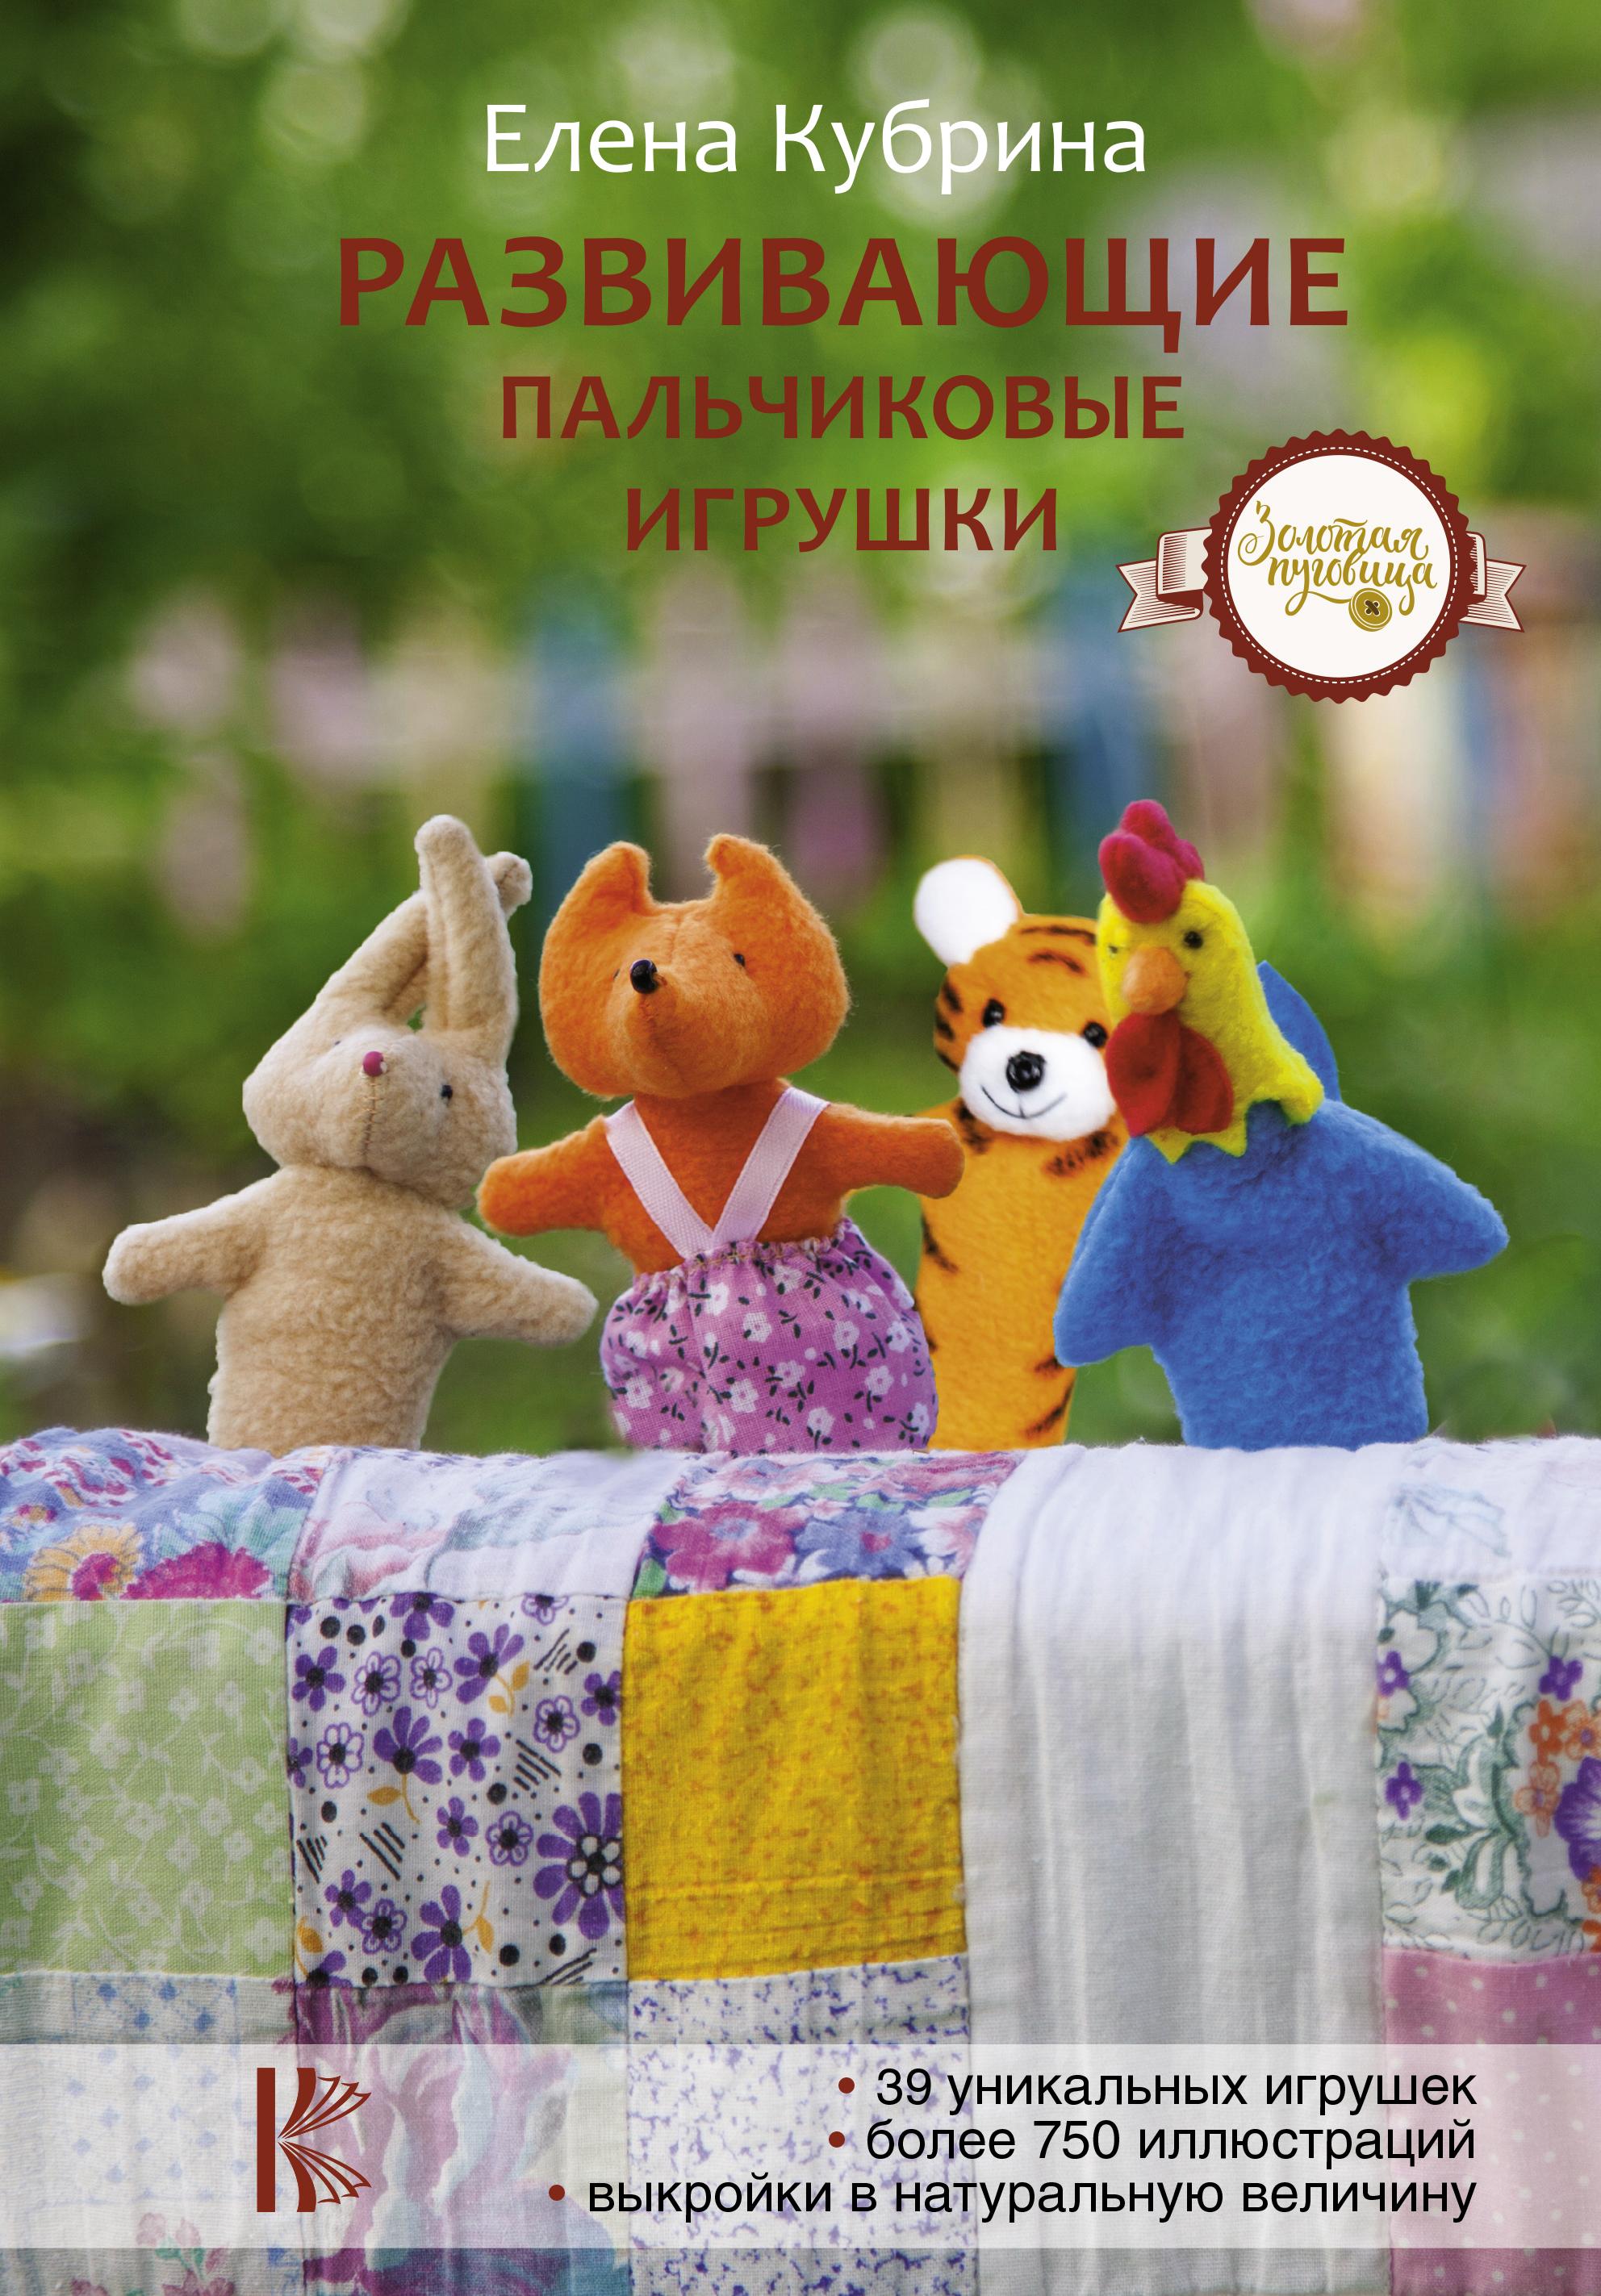 Развивающие пальчиковые игрушки ( Кубрина Елена  )